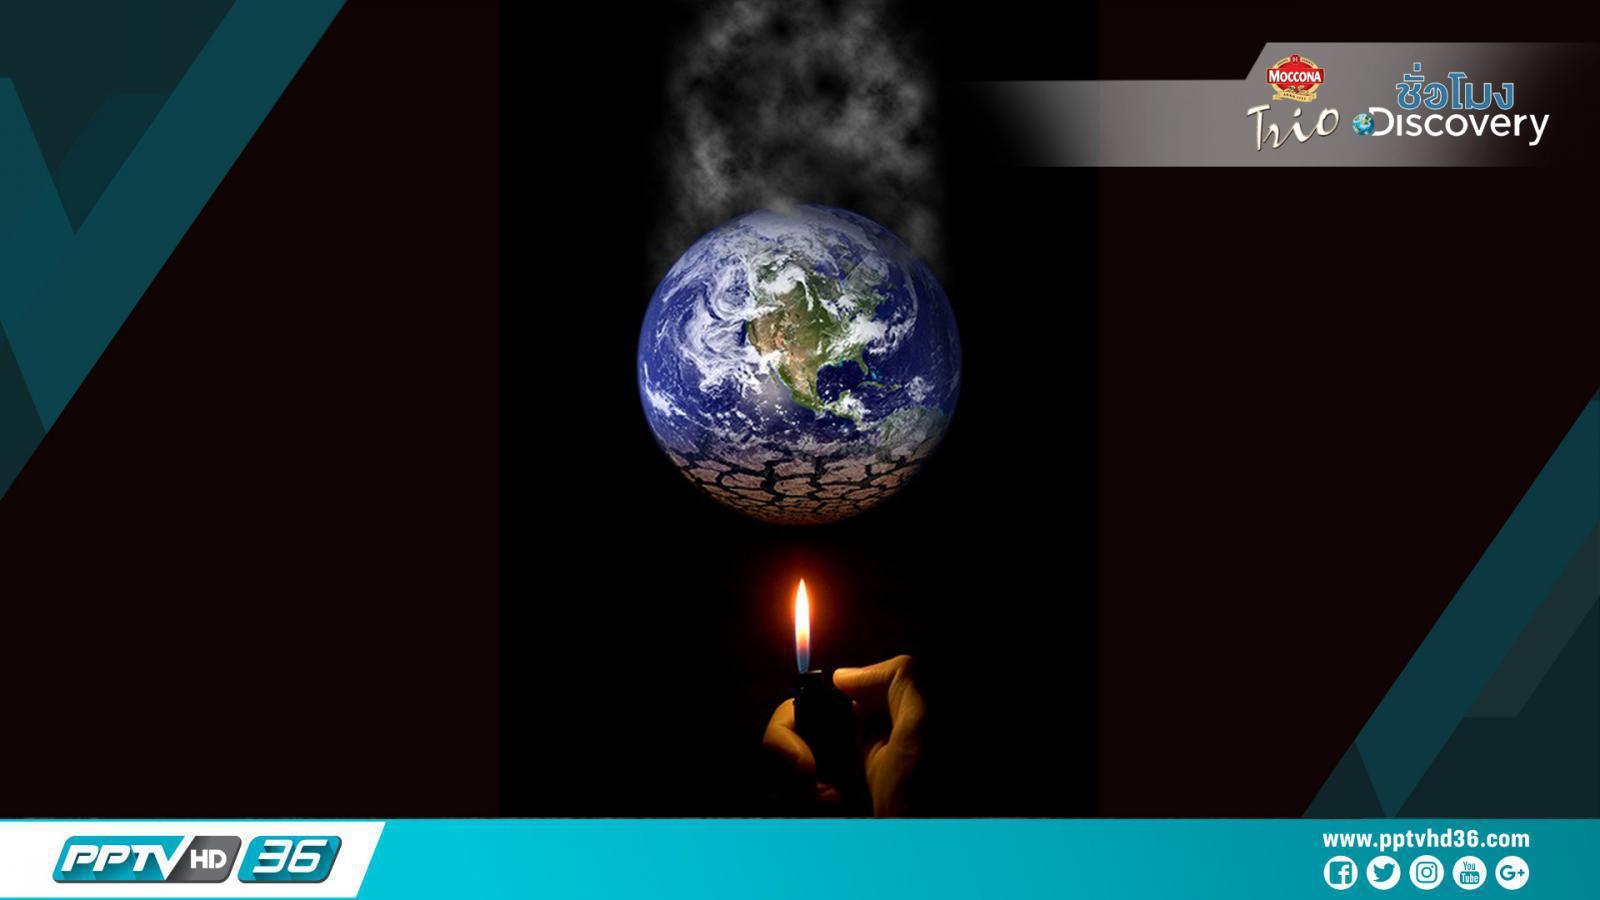 วิธีการปกป้องชั้นโอโซน เพื่อโลกของเรา